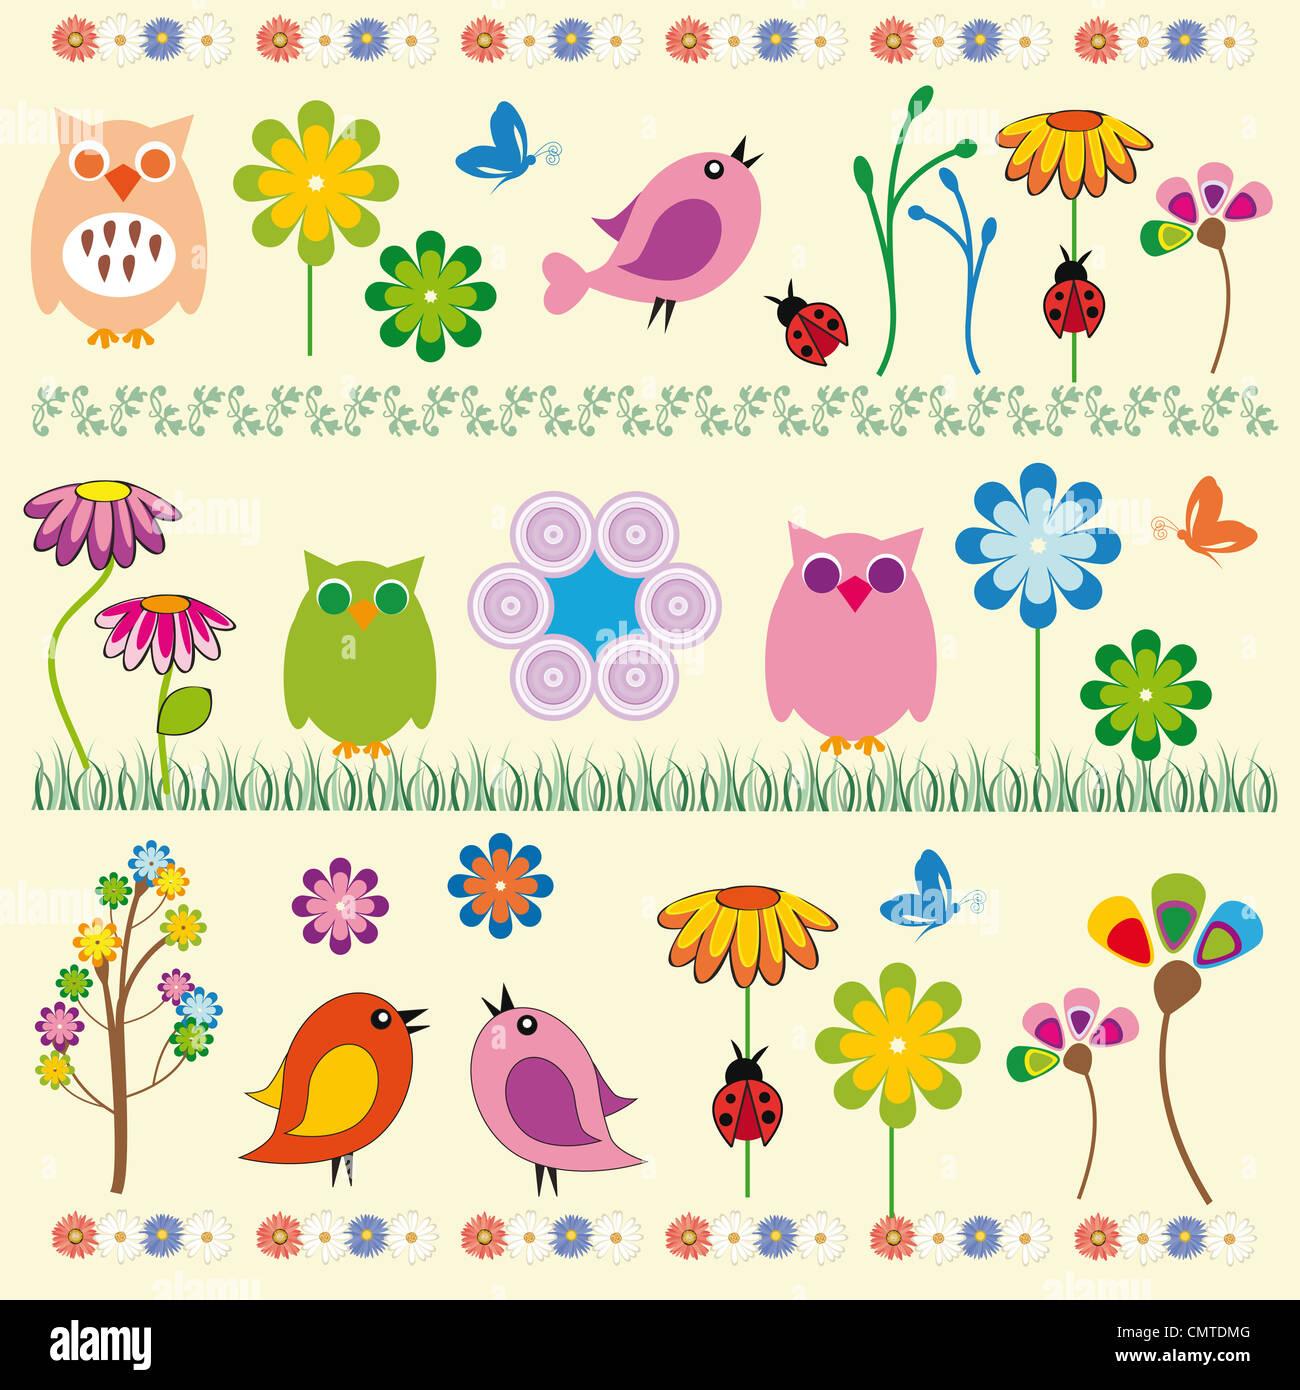 Carino kids sfondo con fiori e uccelli Immagini Stock